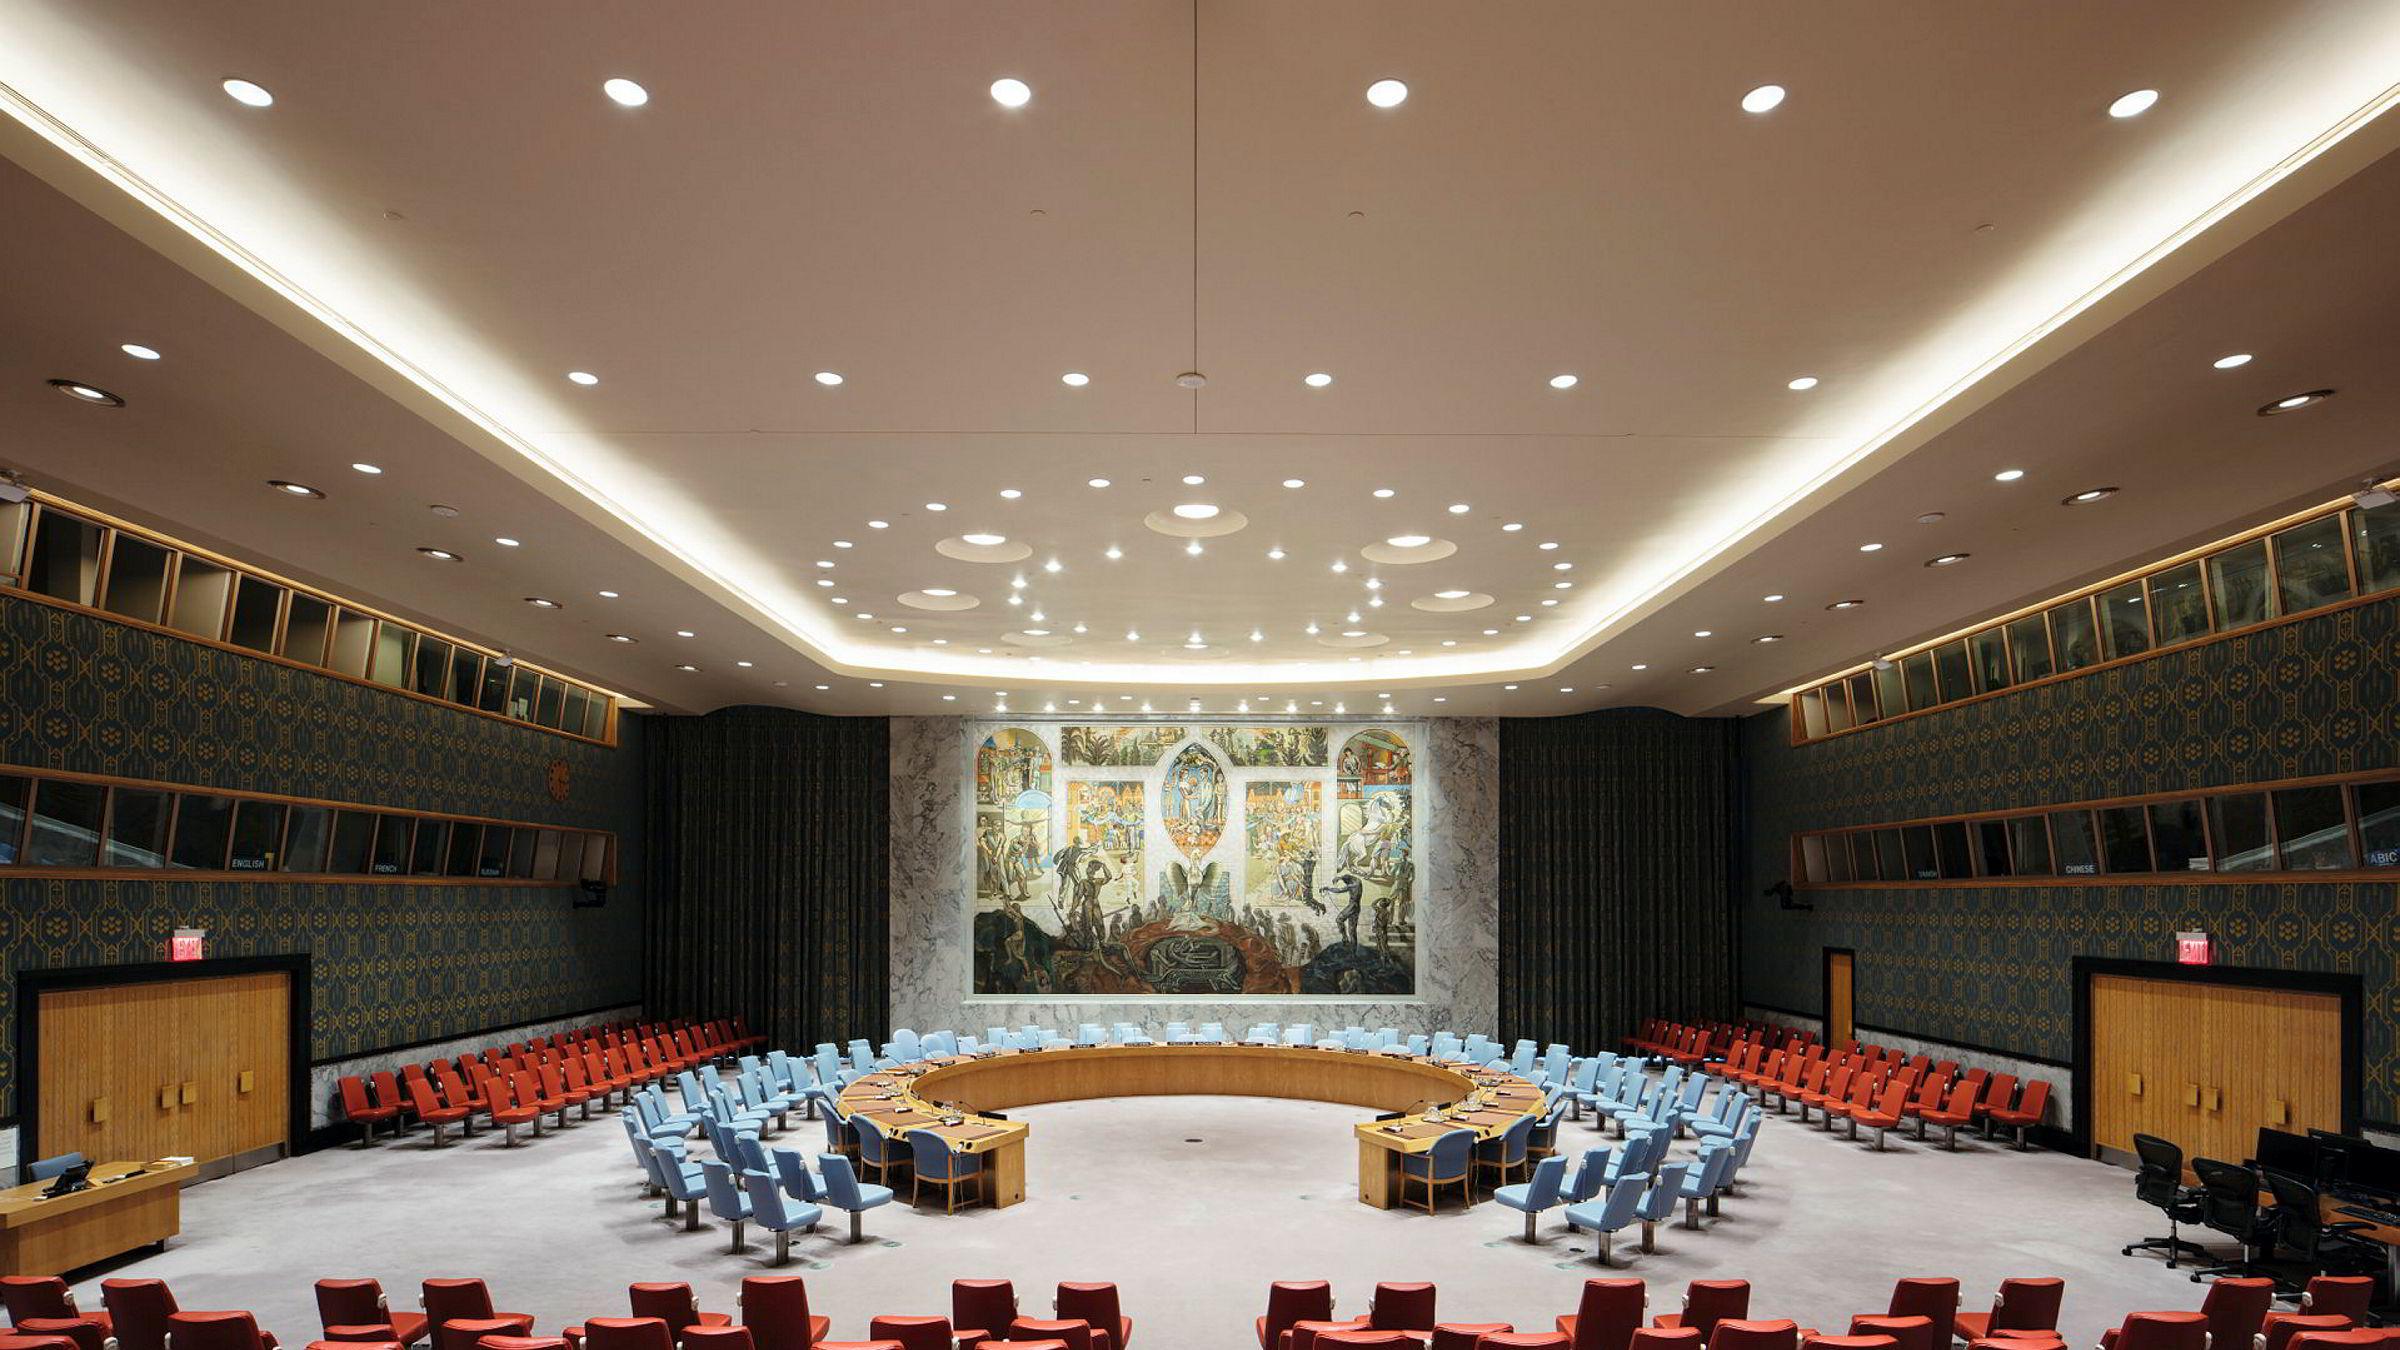 Sikkerhetsrådets sal med Per Krohgs maleri. Foto er hentet fra boken «Sikkerhetsrådets sal - Verdens viktigste rom».